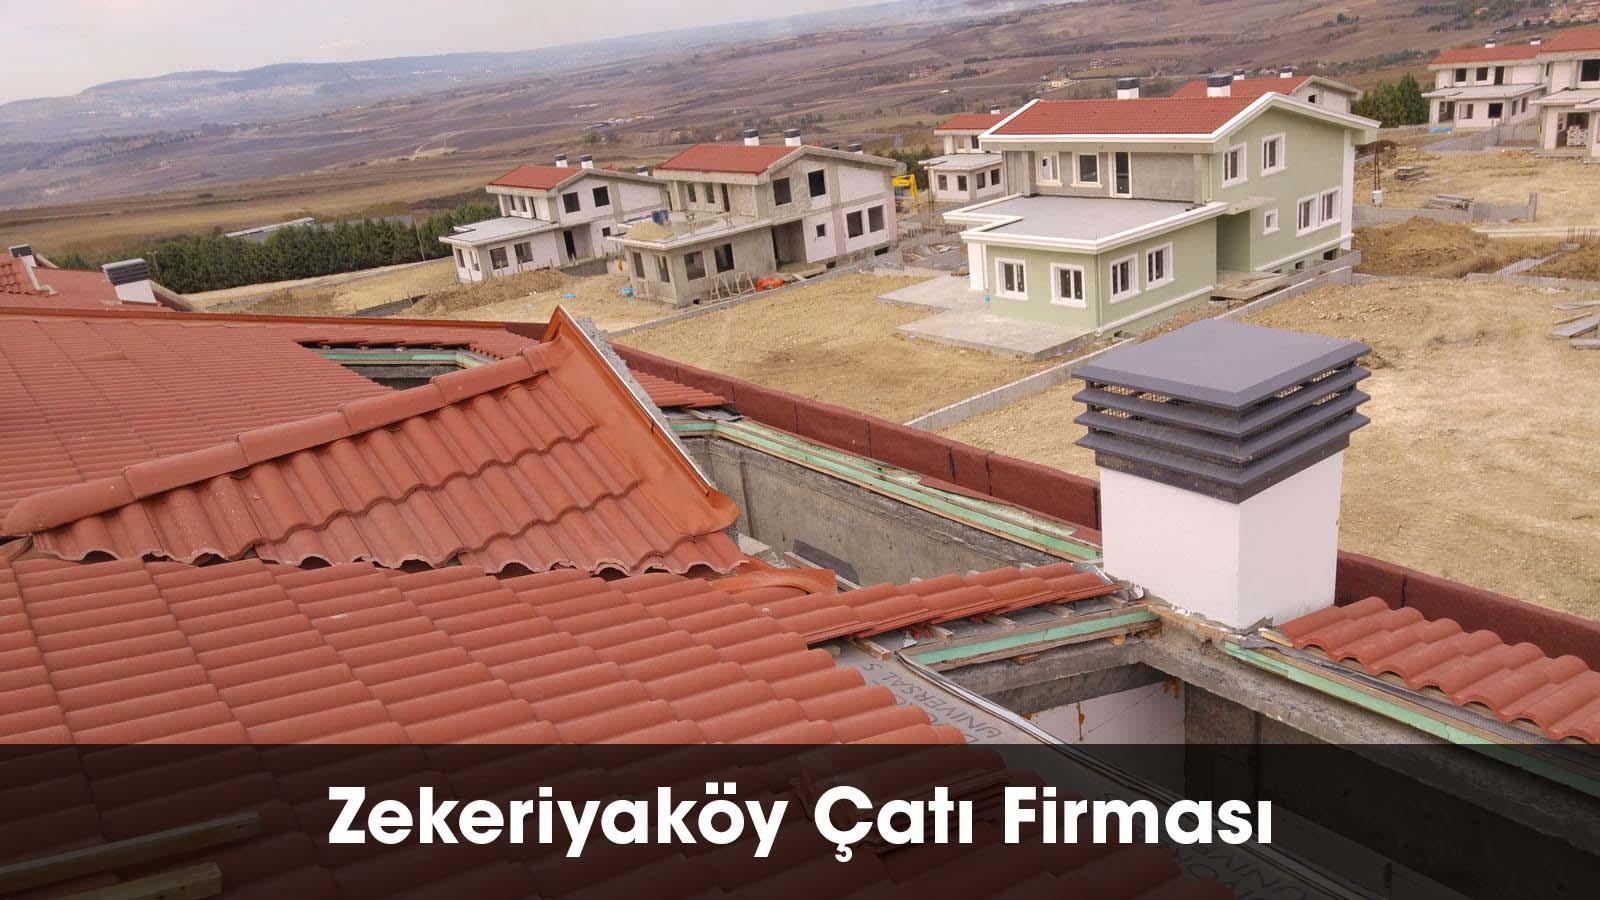 Zekeriyaköy çatı firması